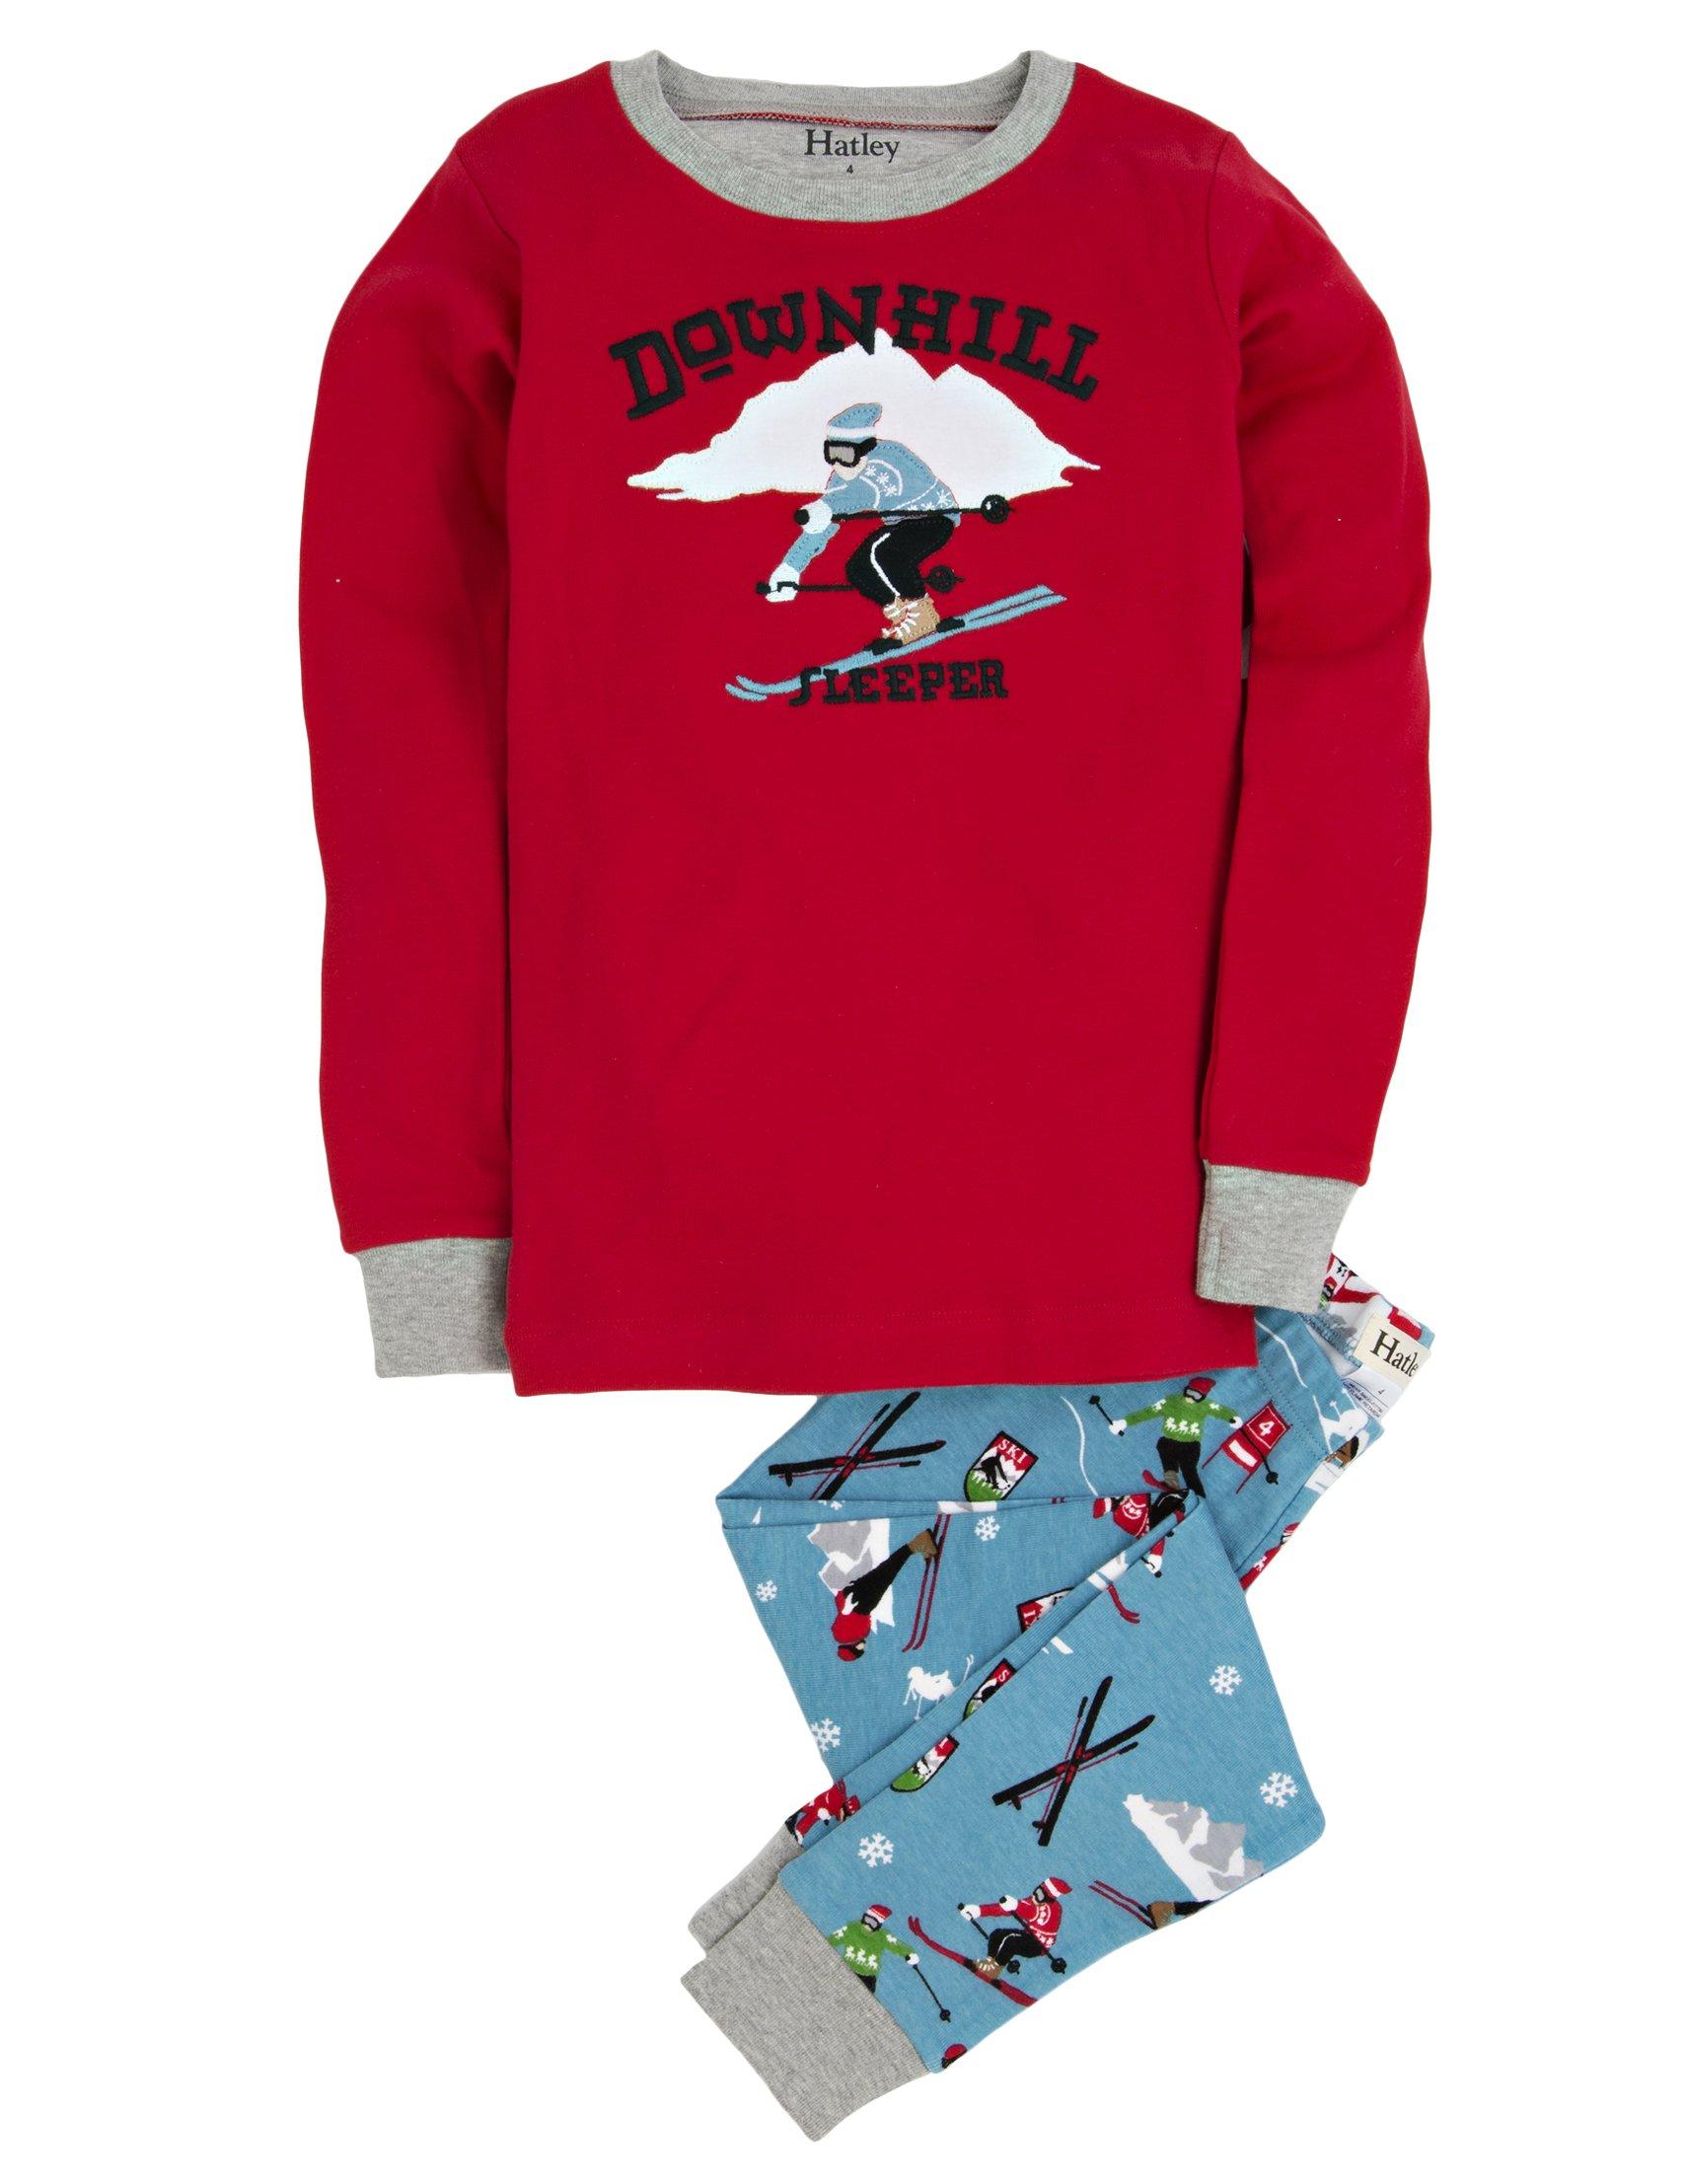 Hatley Little Boys' Pajama Set Applique Retro Ski, Blue, 4 by Hatley